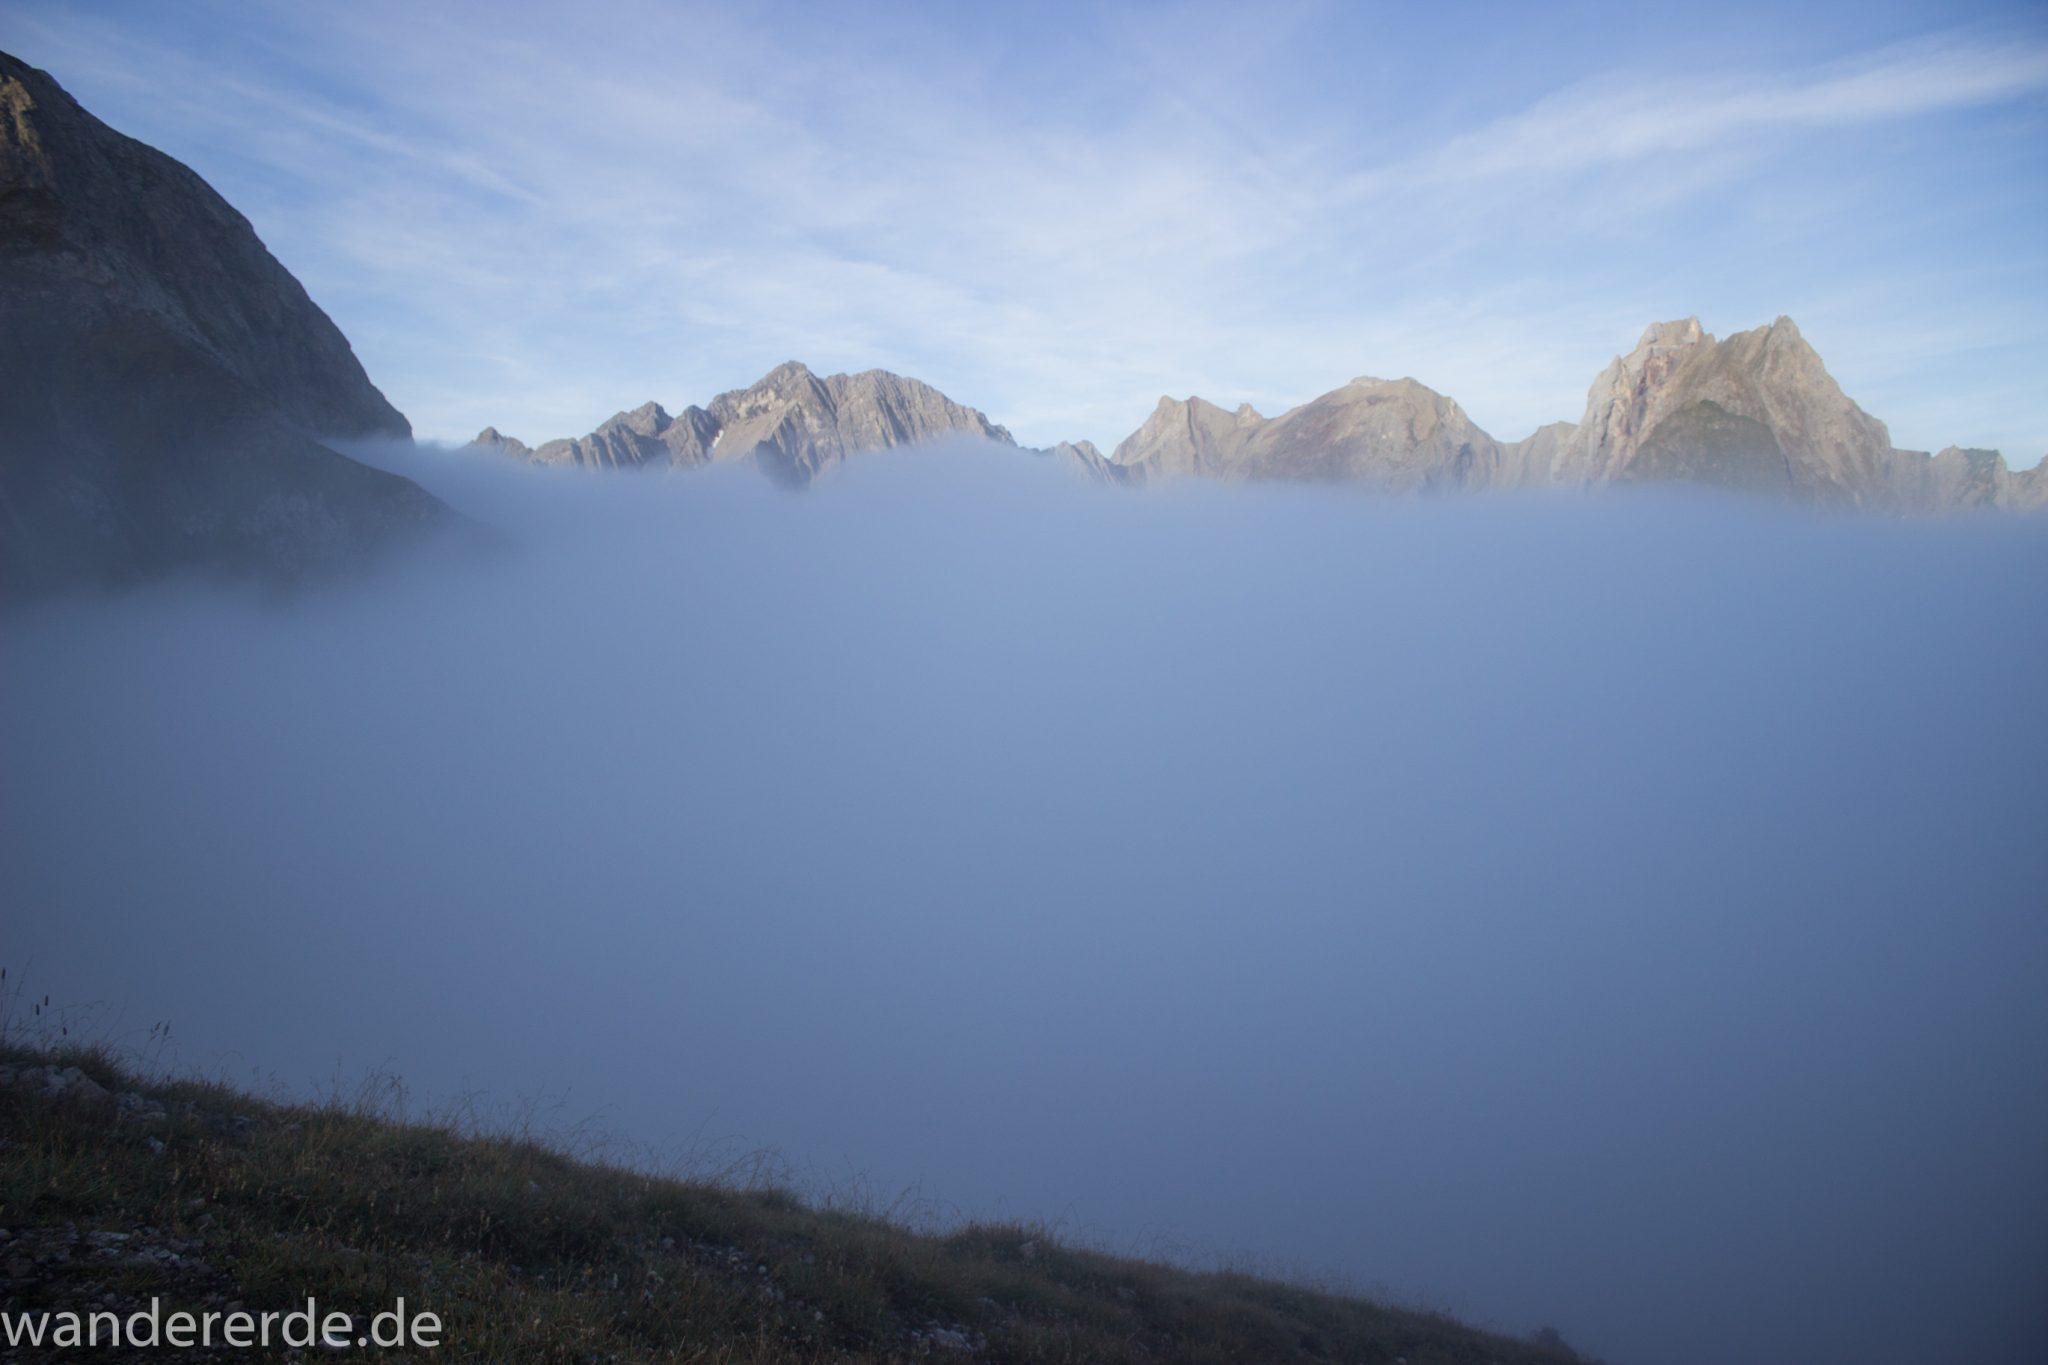 Alpenüberquerung Fernwanderweg E5 Oberstdorf Meran, 3. Etappe von Memminger Hütte zur Skihütte Zams, Berge sind am frühen Morgen noch in Nebel getaucht, aber die Sonne scheint, herrliches Wetter zum Wandern